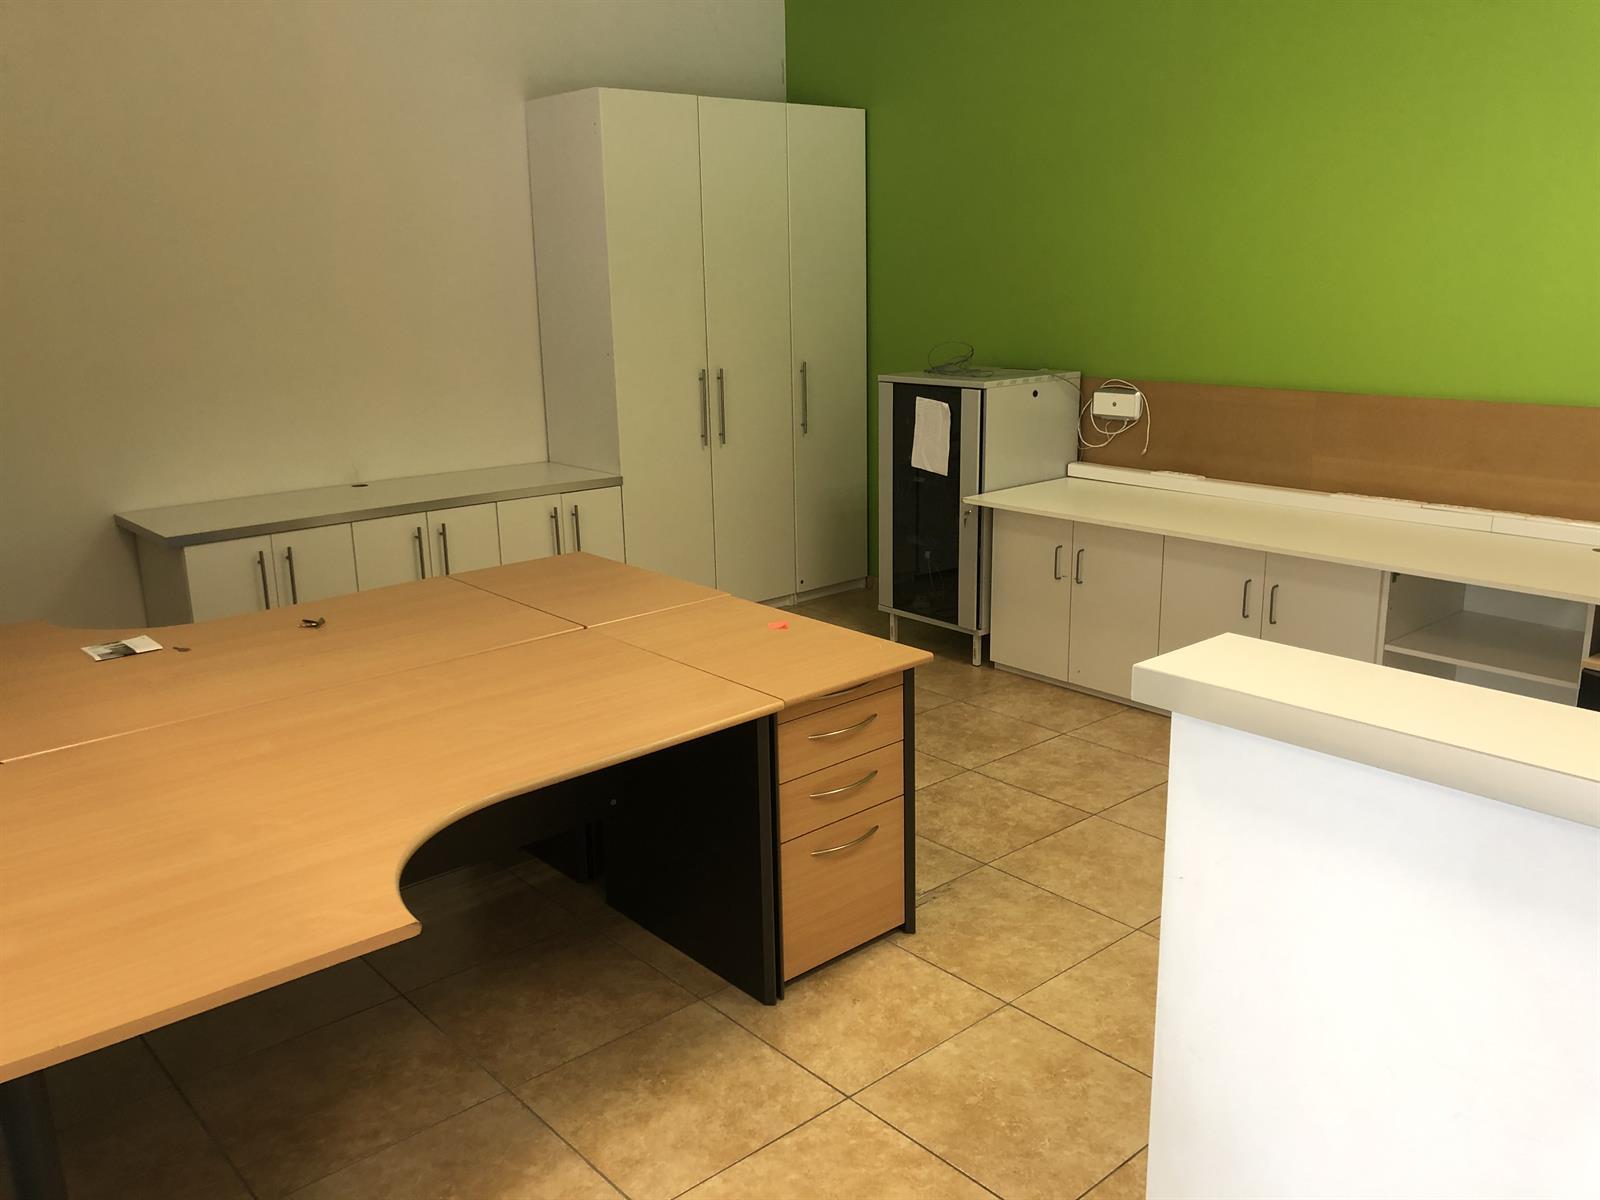 kantoor te huur I168 - 6B - Saffierstraat 5, 2200 Herentals, België 2